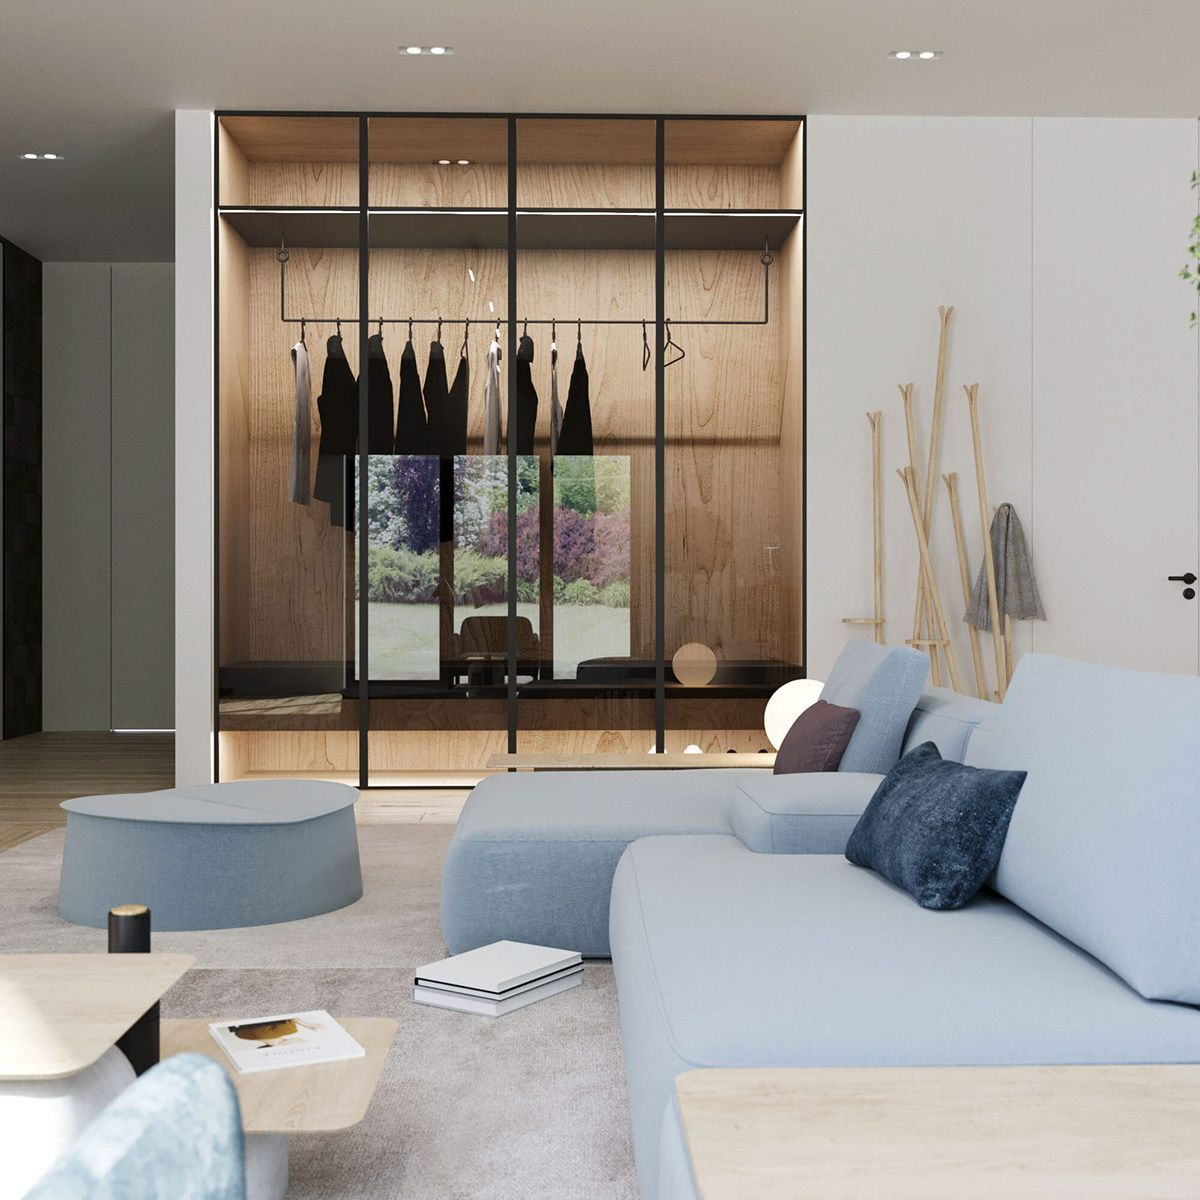 Interior Designers Of Canada: Interior Design Of Apartment In Toronto Canada On Behance